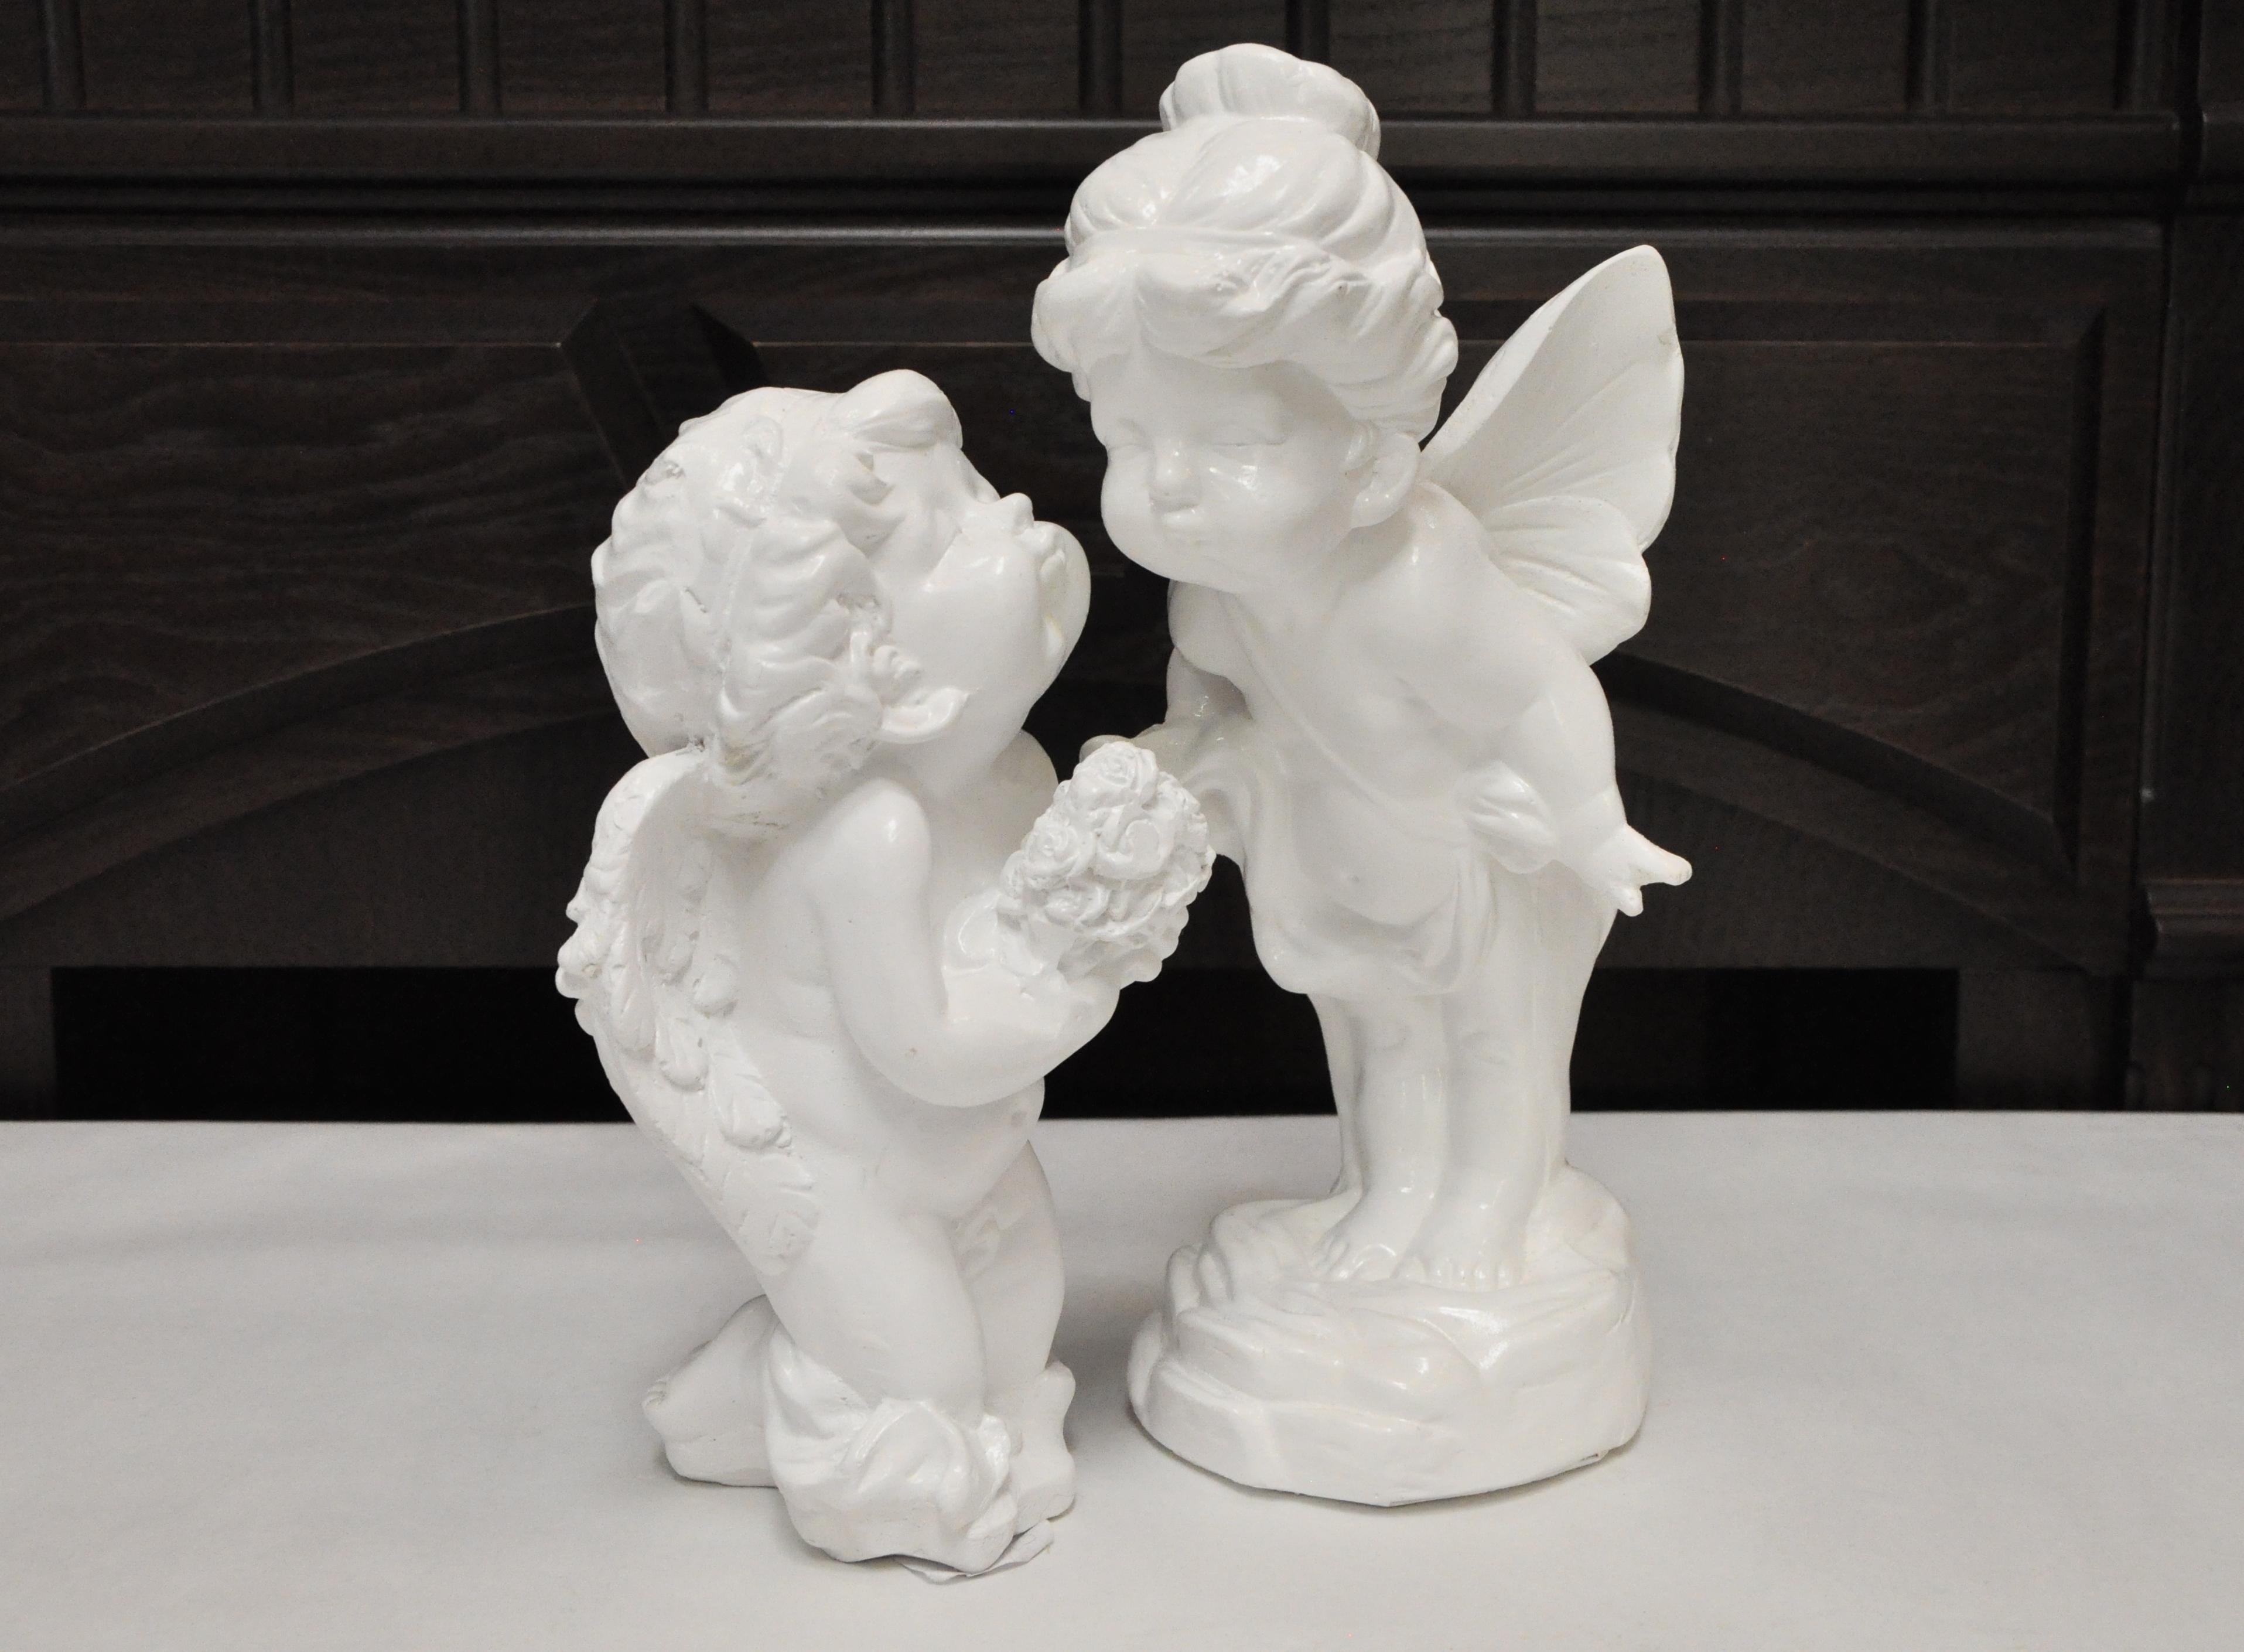 статуэтка два ангела белая